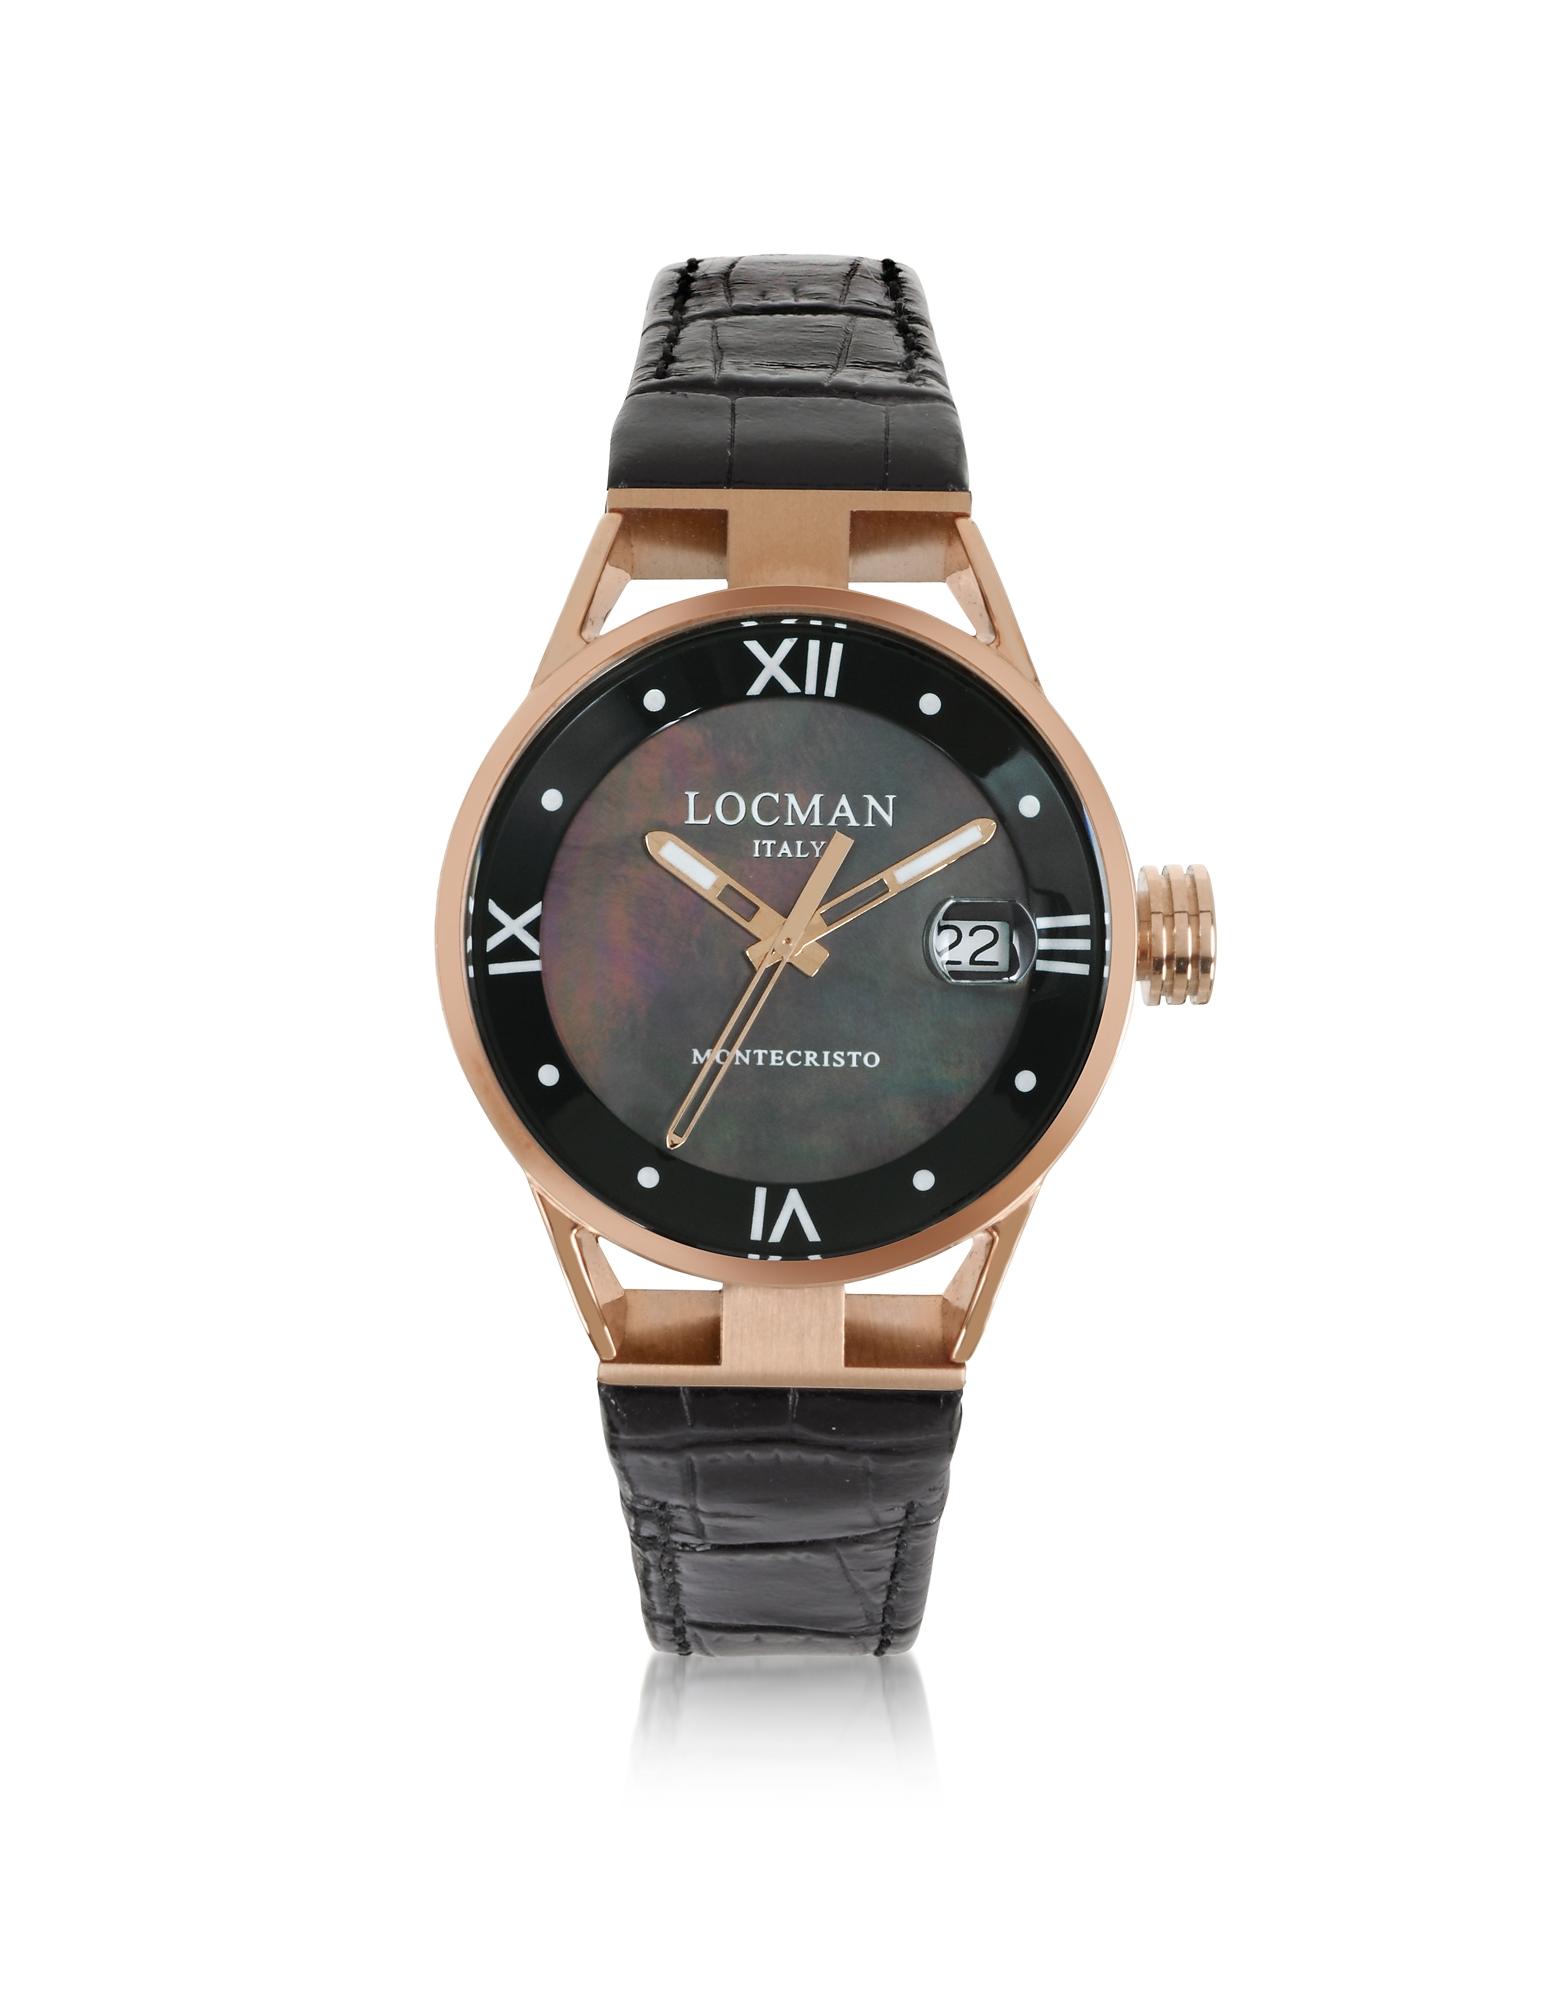 Locman Women's Watches, Montecristo Stainless Steel and Titanium Rose Gold PVD Women's Watch w/Croco